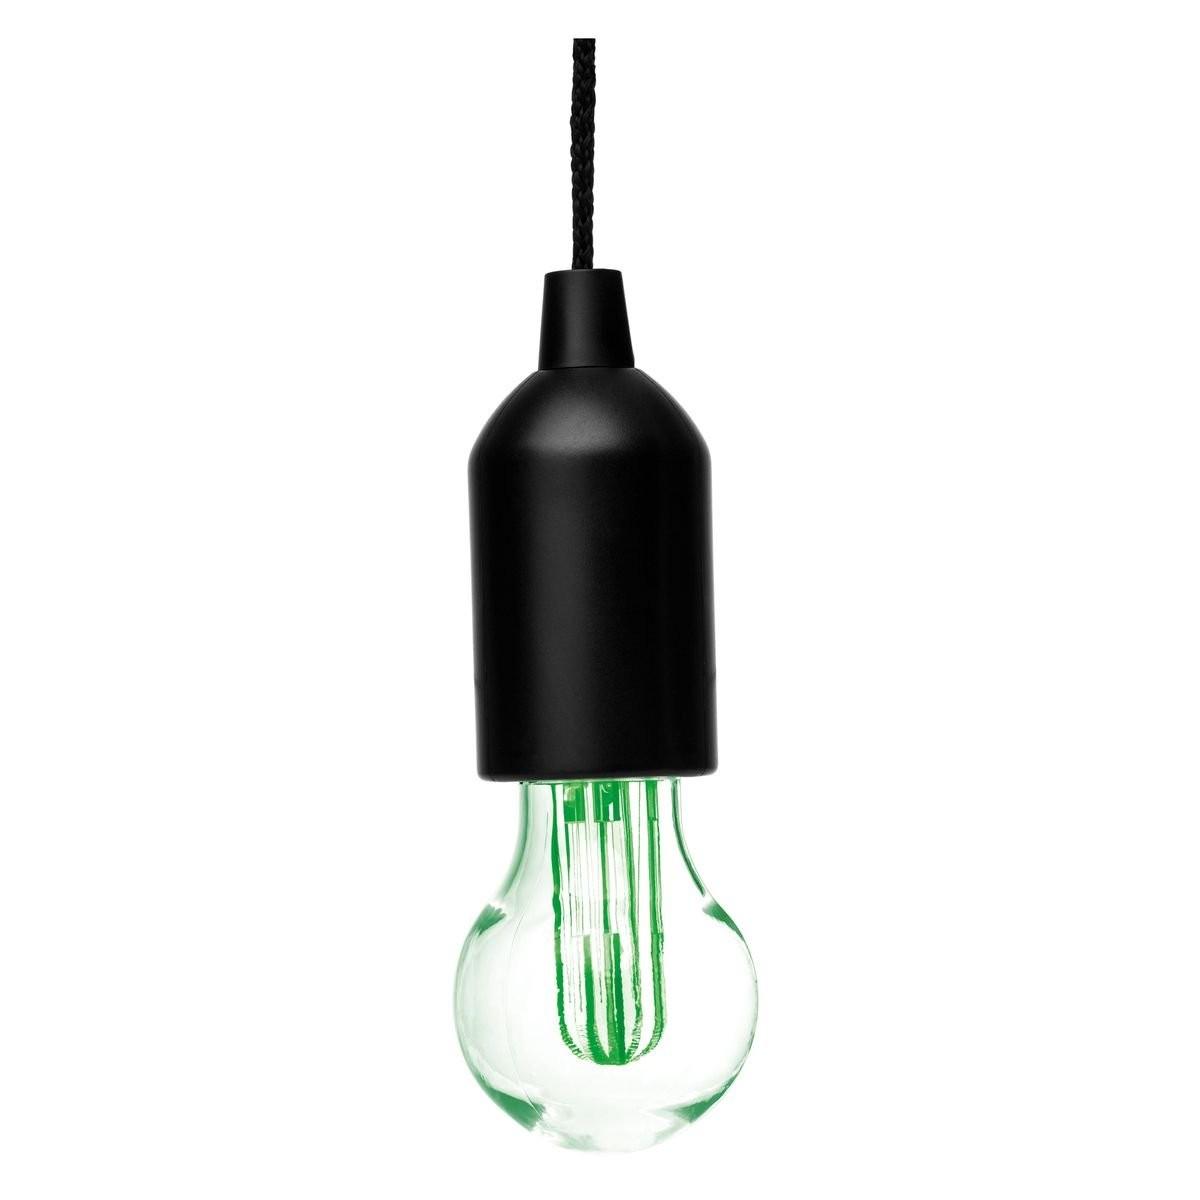 LED Lampe mit effektvollem Wechsellicht REFLECTS-GALESBURG III BLACK, Ansicht 4